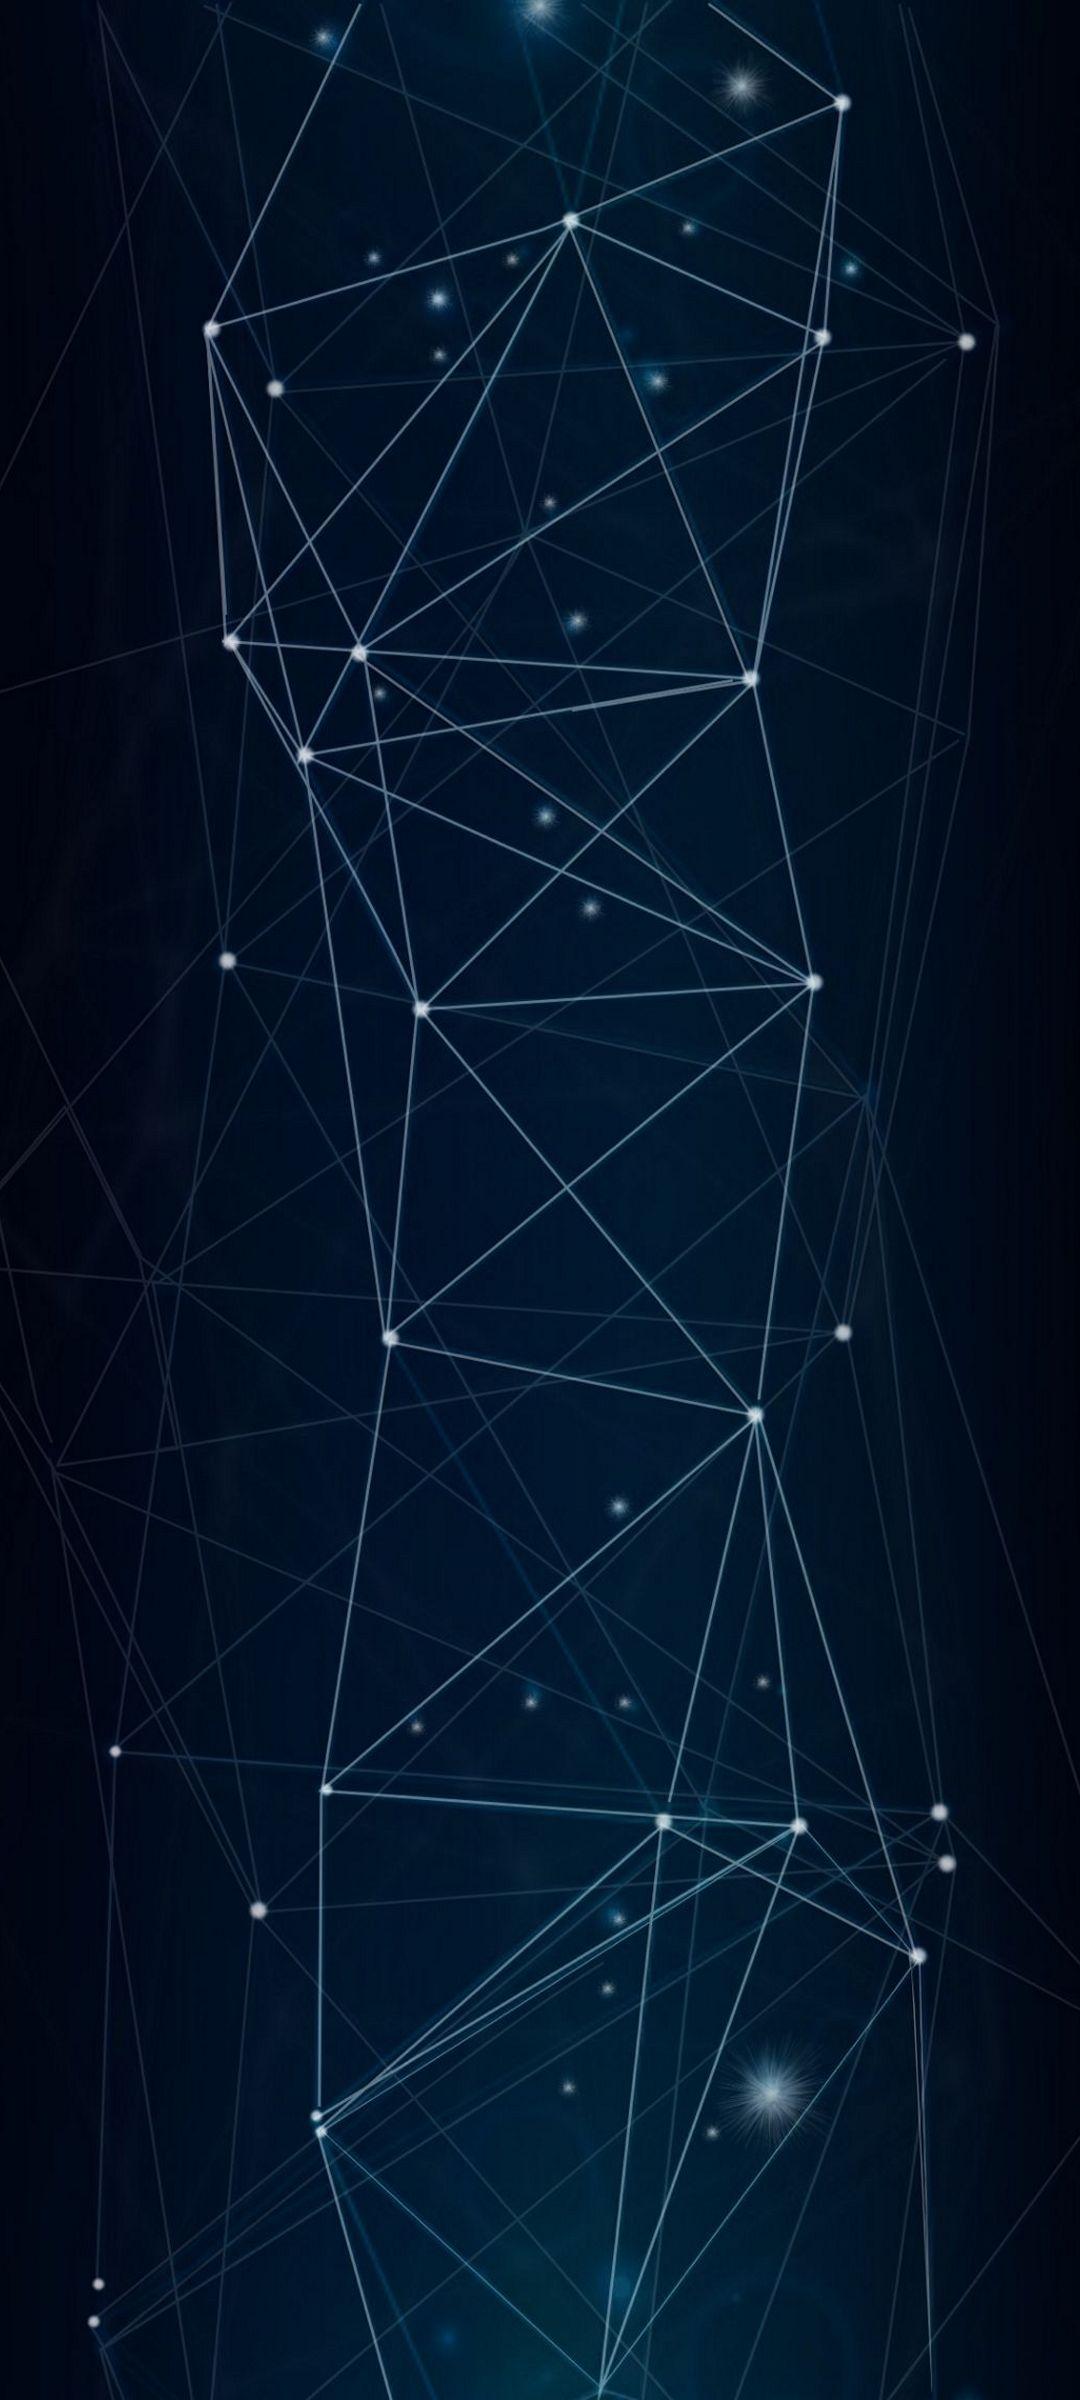 Dark Network Connection